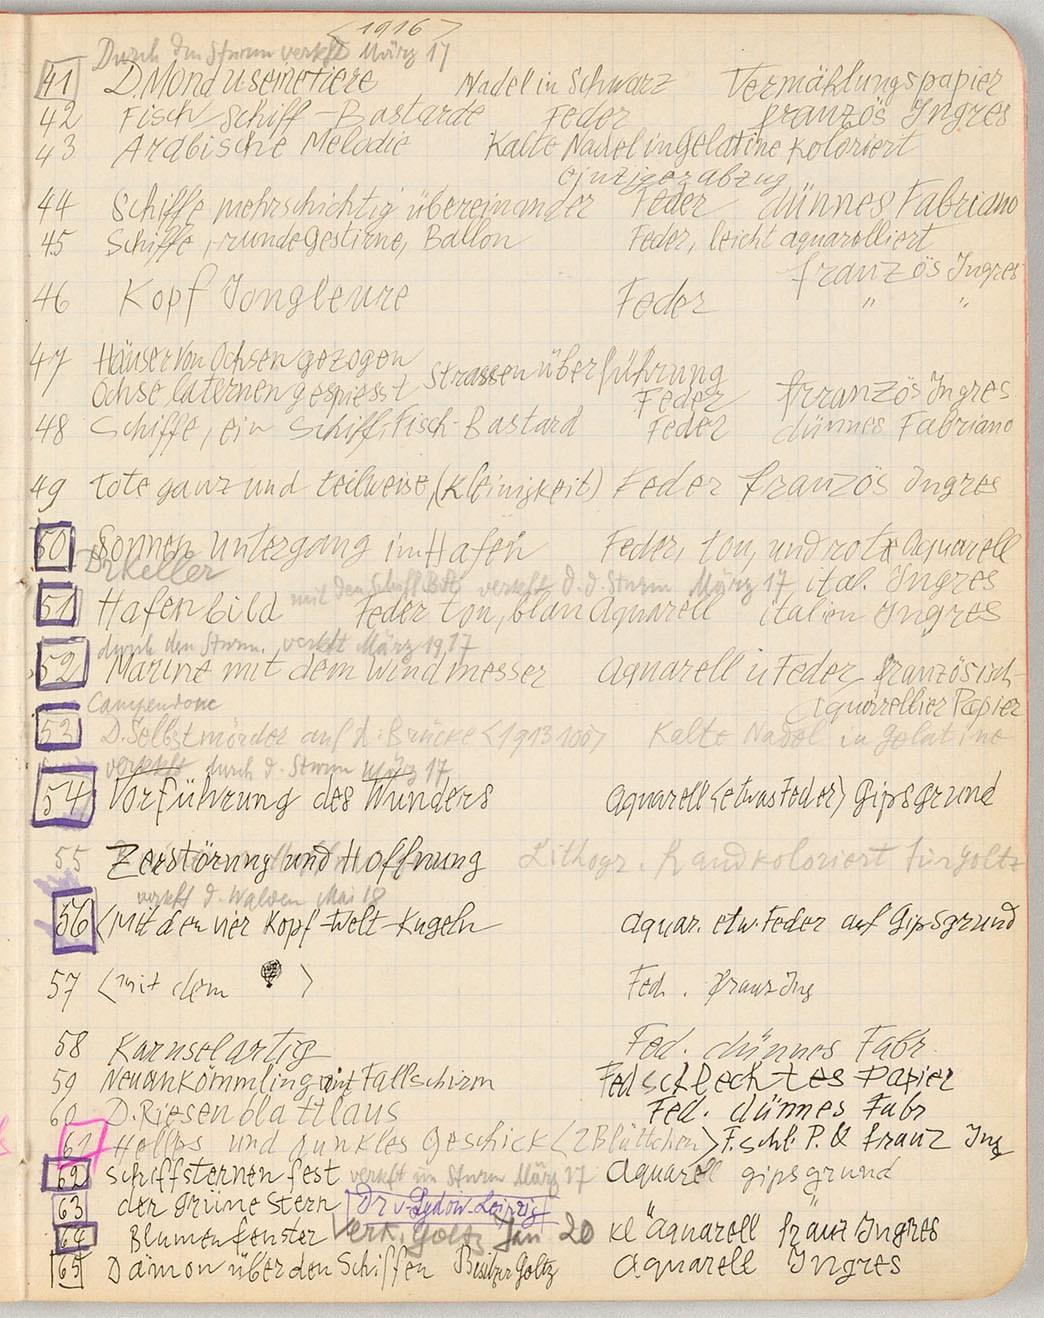 Abb.31 Paul Klee, Œuvre-Katalog 1883-1917, 1916, 41-65 [S. 125], Zentrum Paul Klee, Bern  © Zentrum Paul Klee, Bern, Bildarchiv